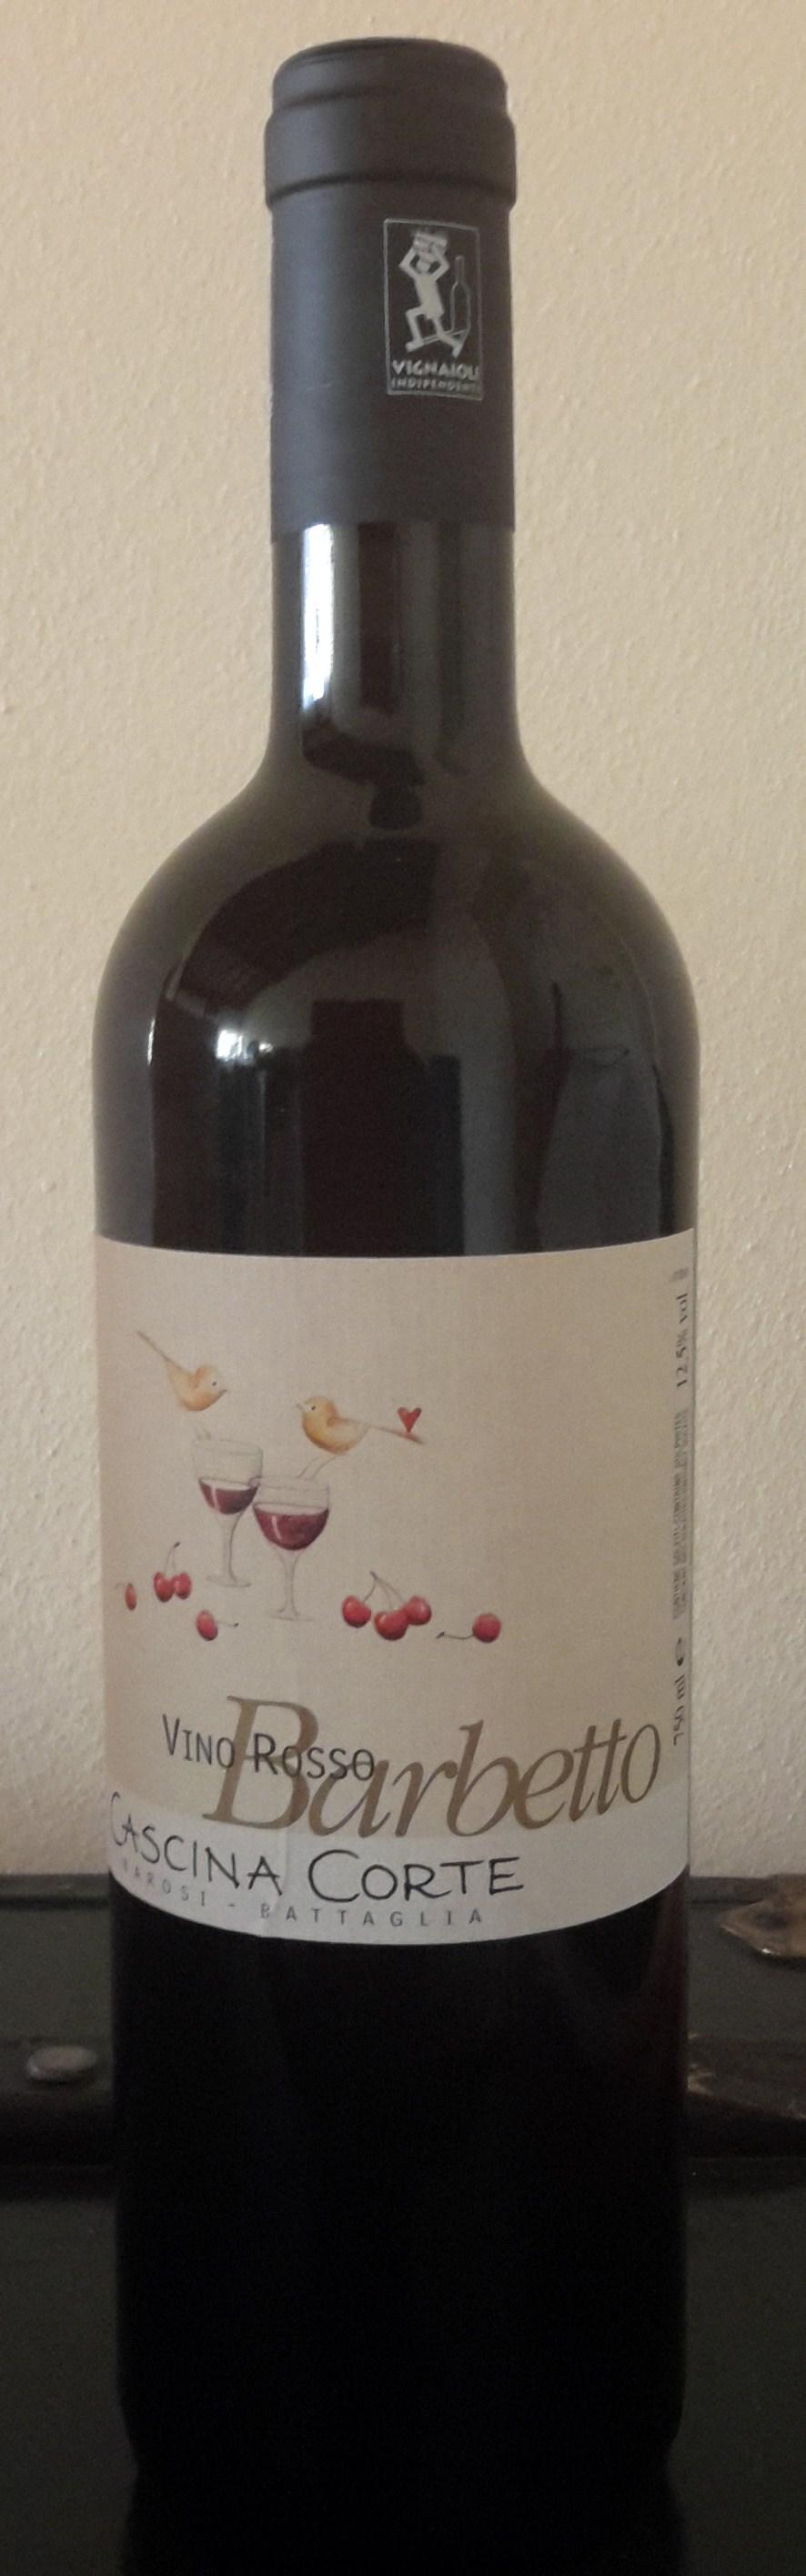 Barbetto Vin Rouge biologique 2013 - Cascina Corte